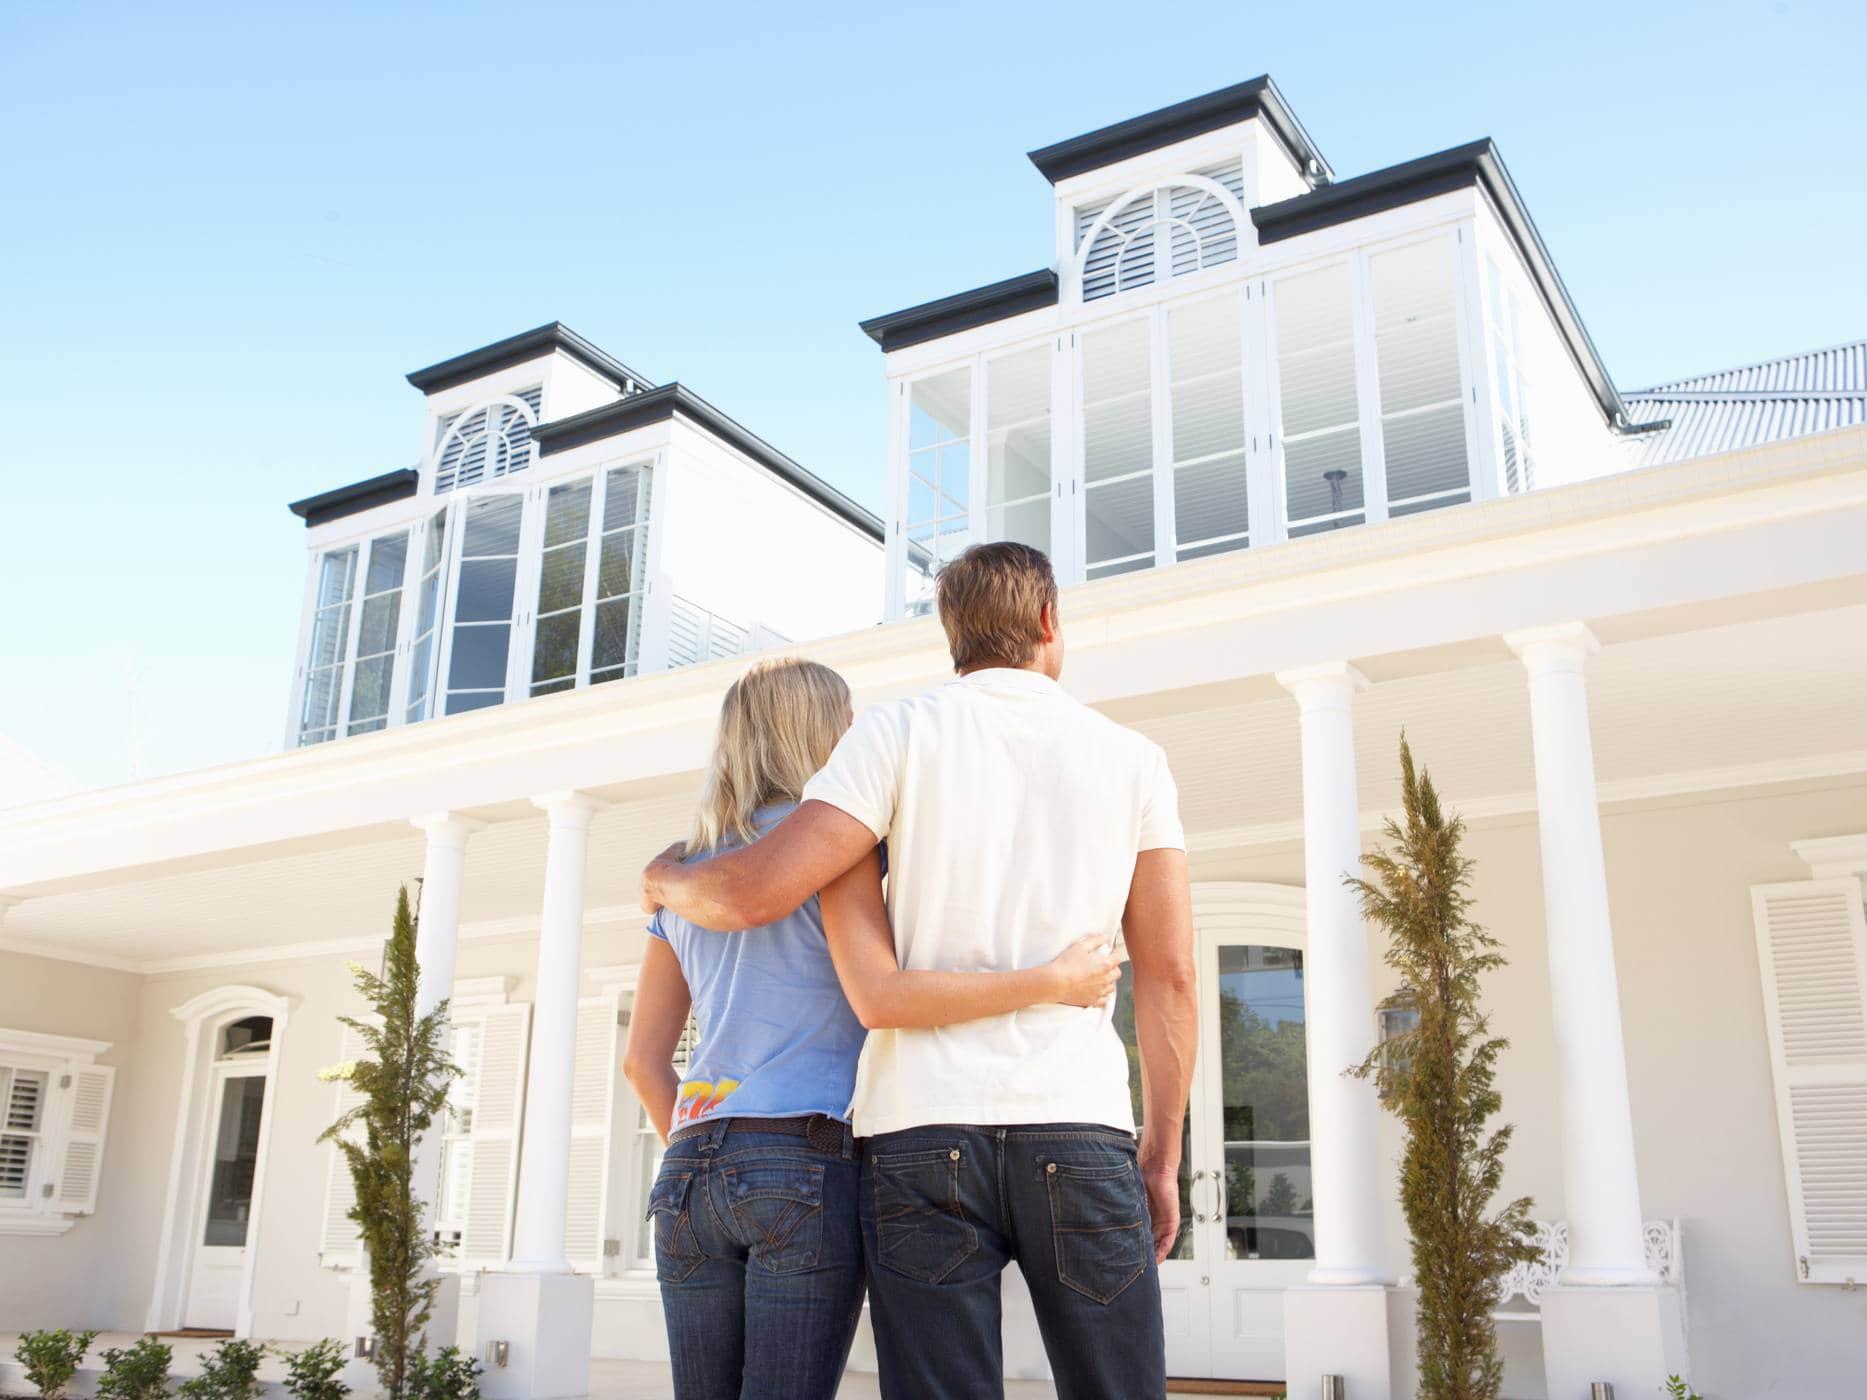 программа TLC: Джек пот: мы покупаем дом! Команда из Таллахасси